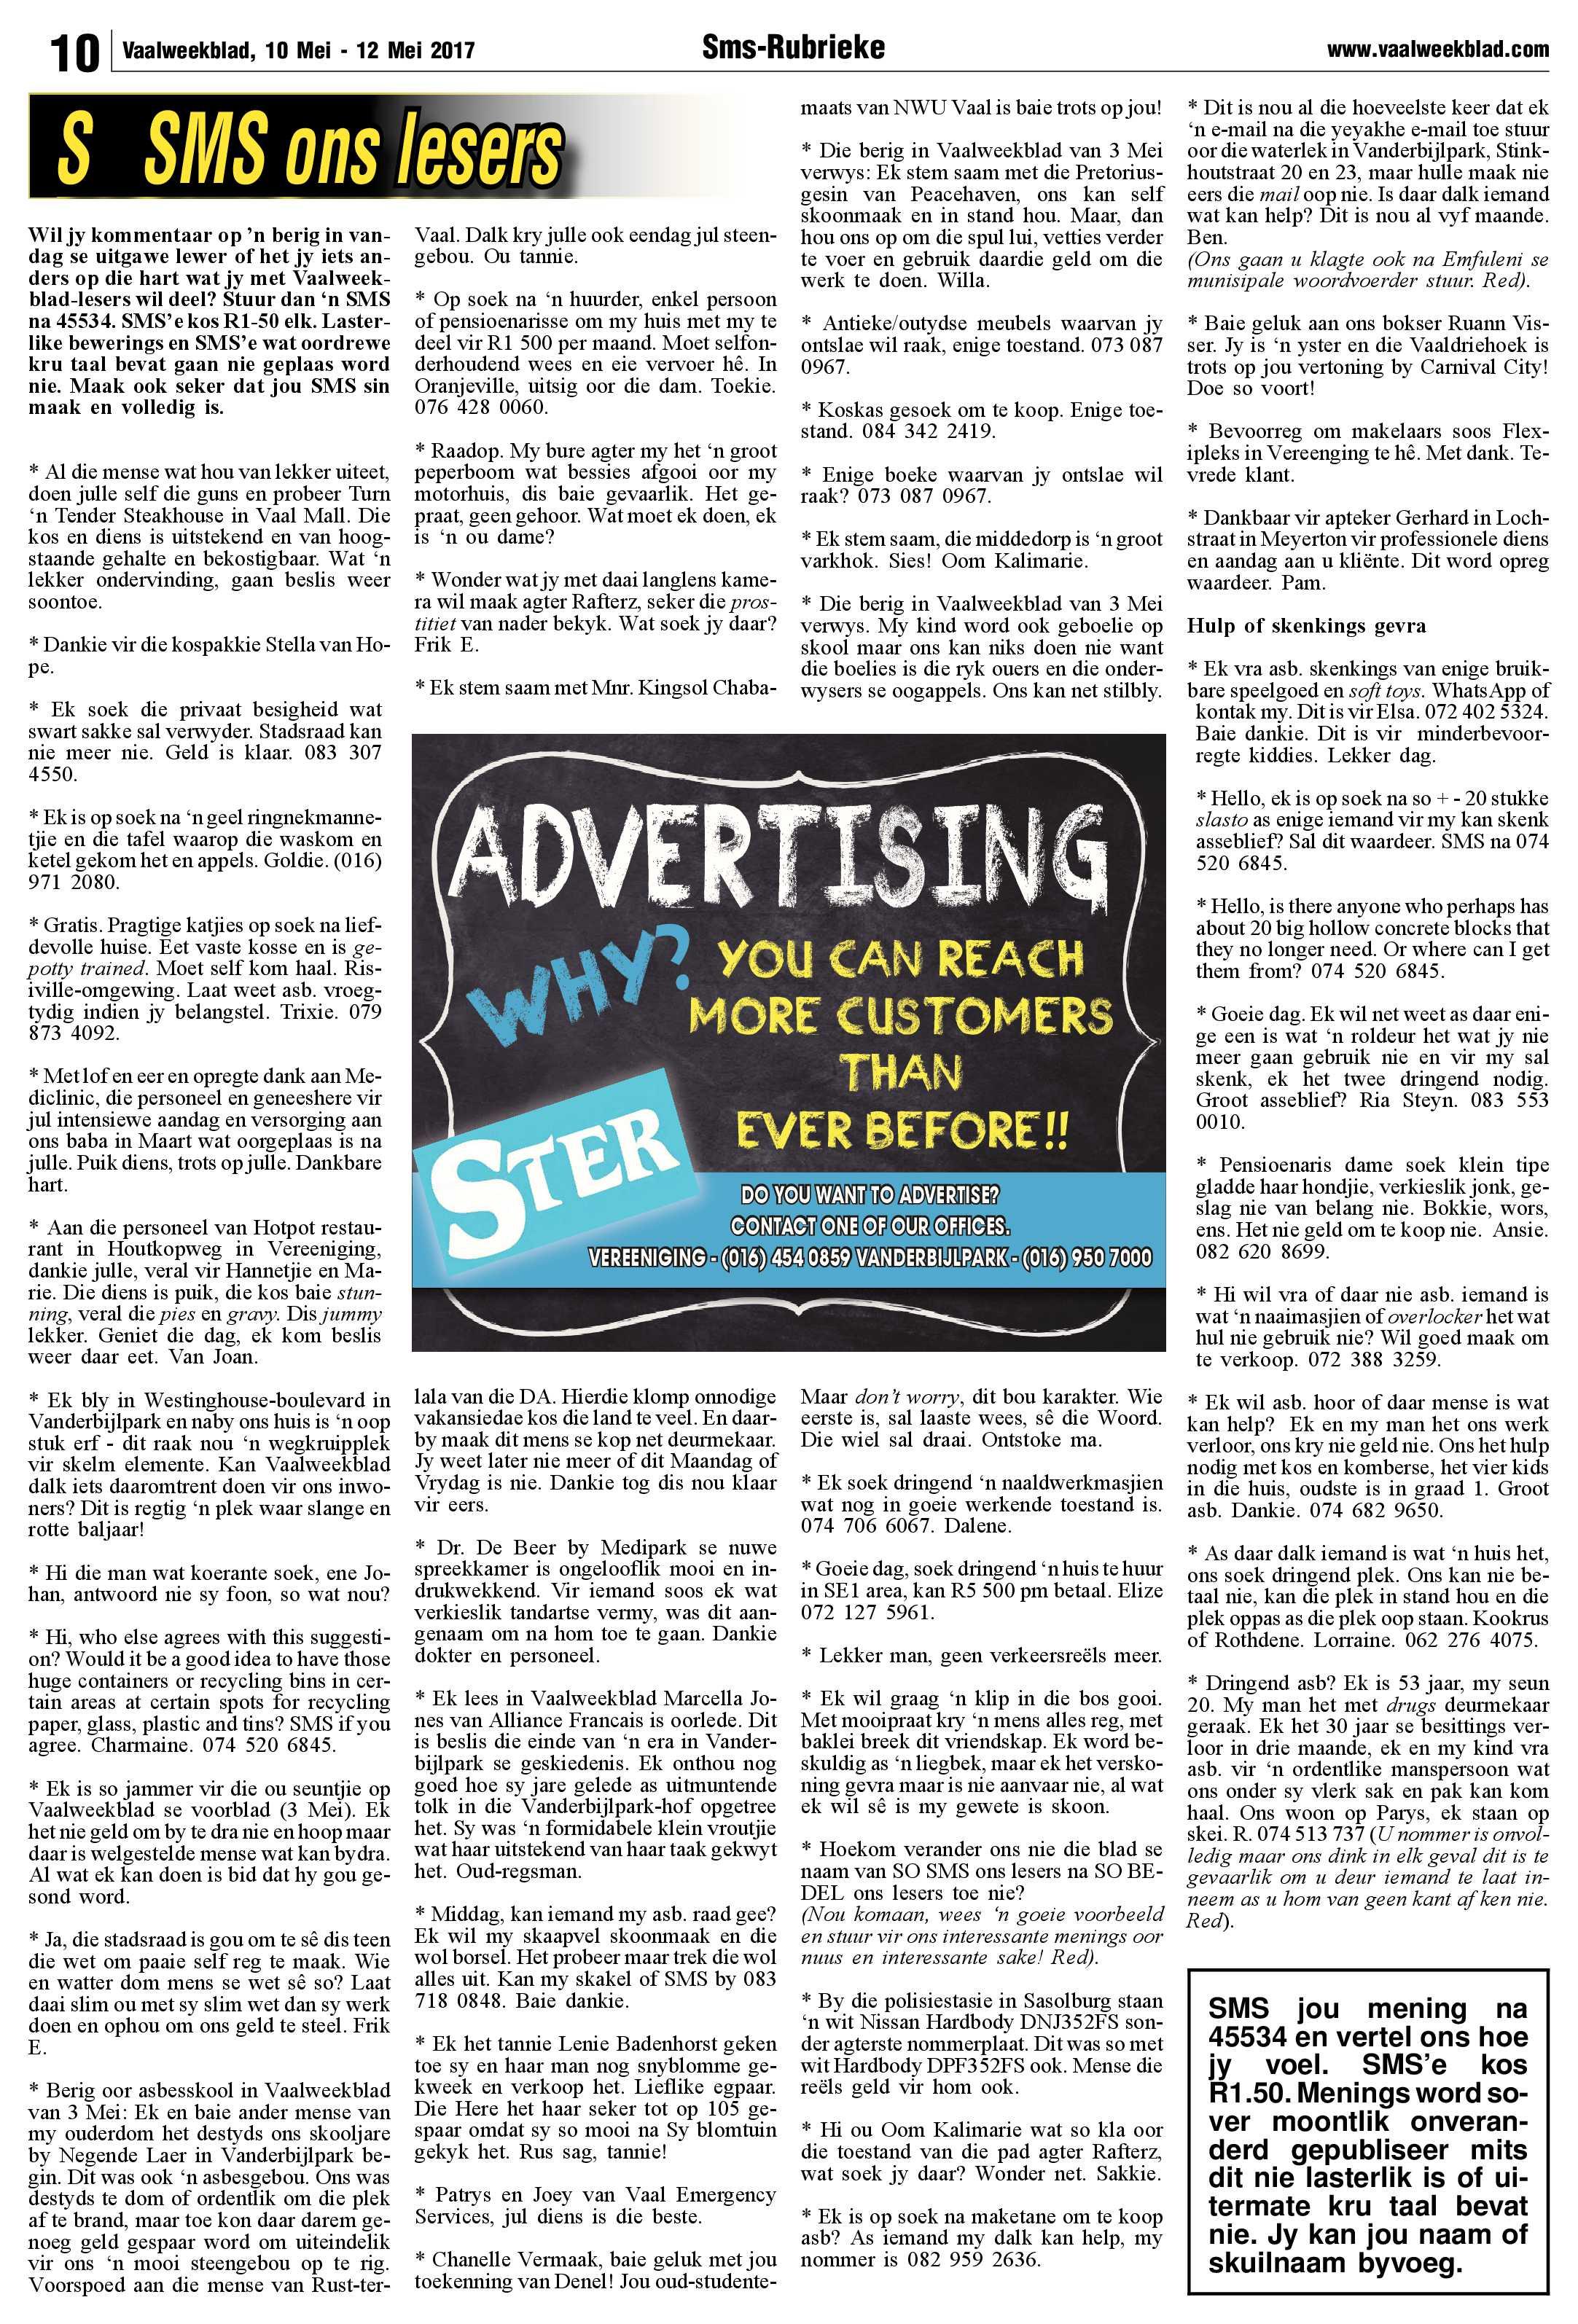 vaalweekblad-10-12-mei-2017-epapers-page-10